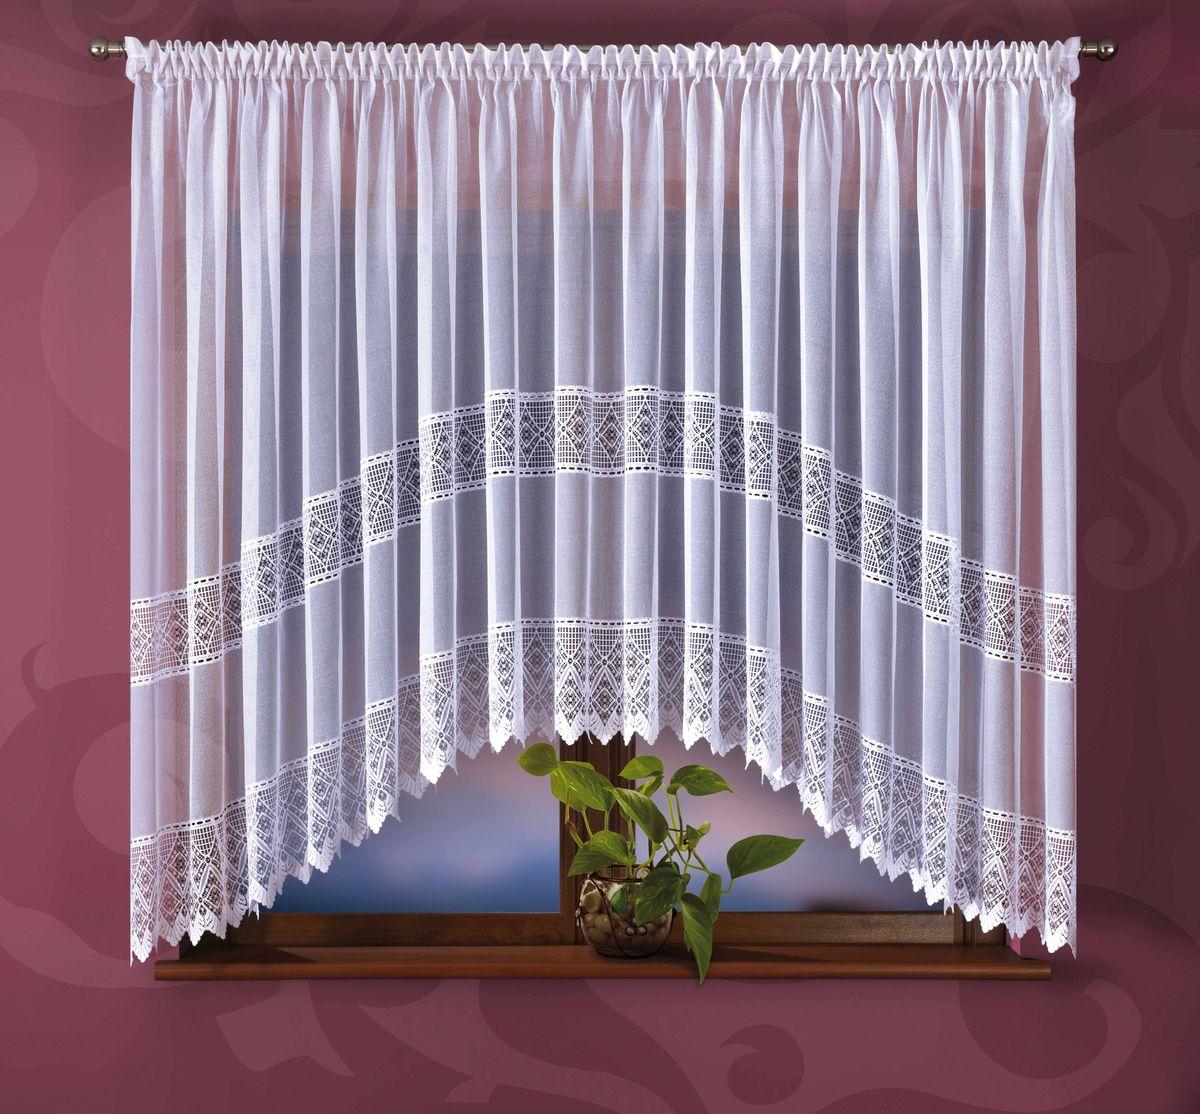 Гардина Wisan Areta, на ленте, цвет: белый, высота 180 смSVC-300Воздушная гардина Wisan Areta, изготовленная из полиэстера, станет великолепным украшением любого окна. Изделие оформлено оригинальным орнаментом, который привлечет к себе внимание и органично впишется в интерьер комнаты. Оригинальное оформление гардины внесет разнообразие и подарит заряд положительного настроения.Гардина оснащена шторной лентой для крепления на карниз.